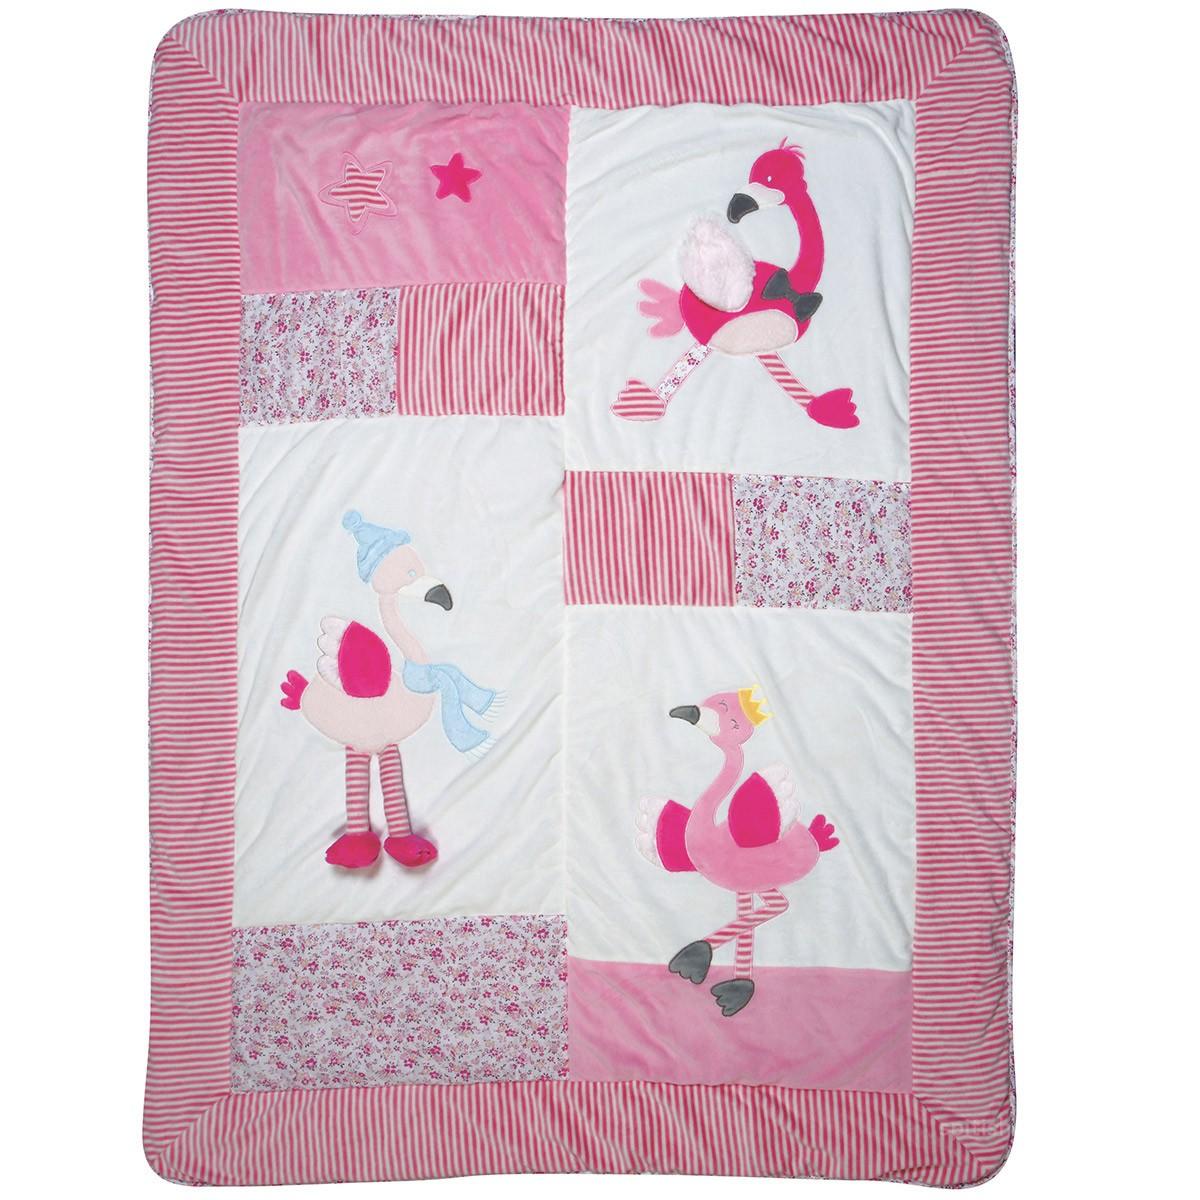 Κουβερλί Κούνιας (Σετ) Das Home Dream Embroidery 6464